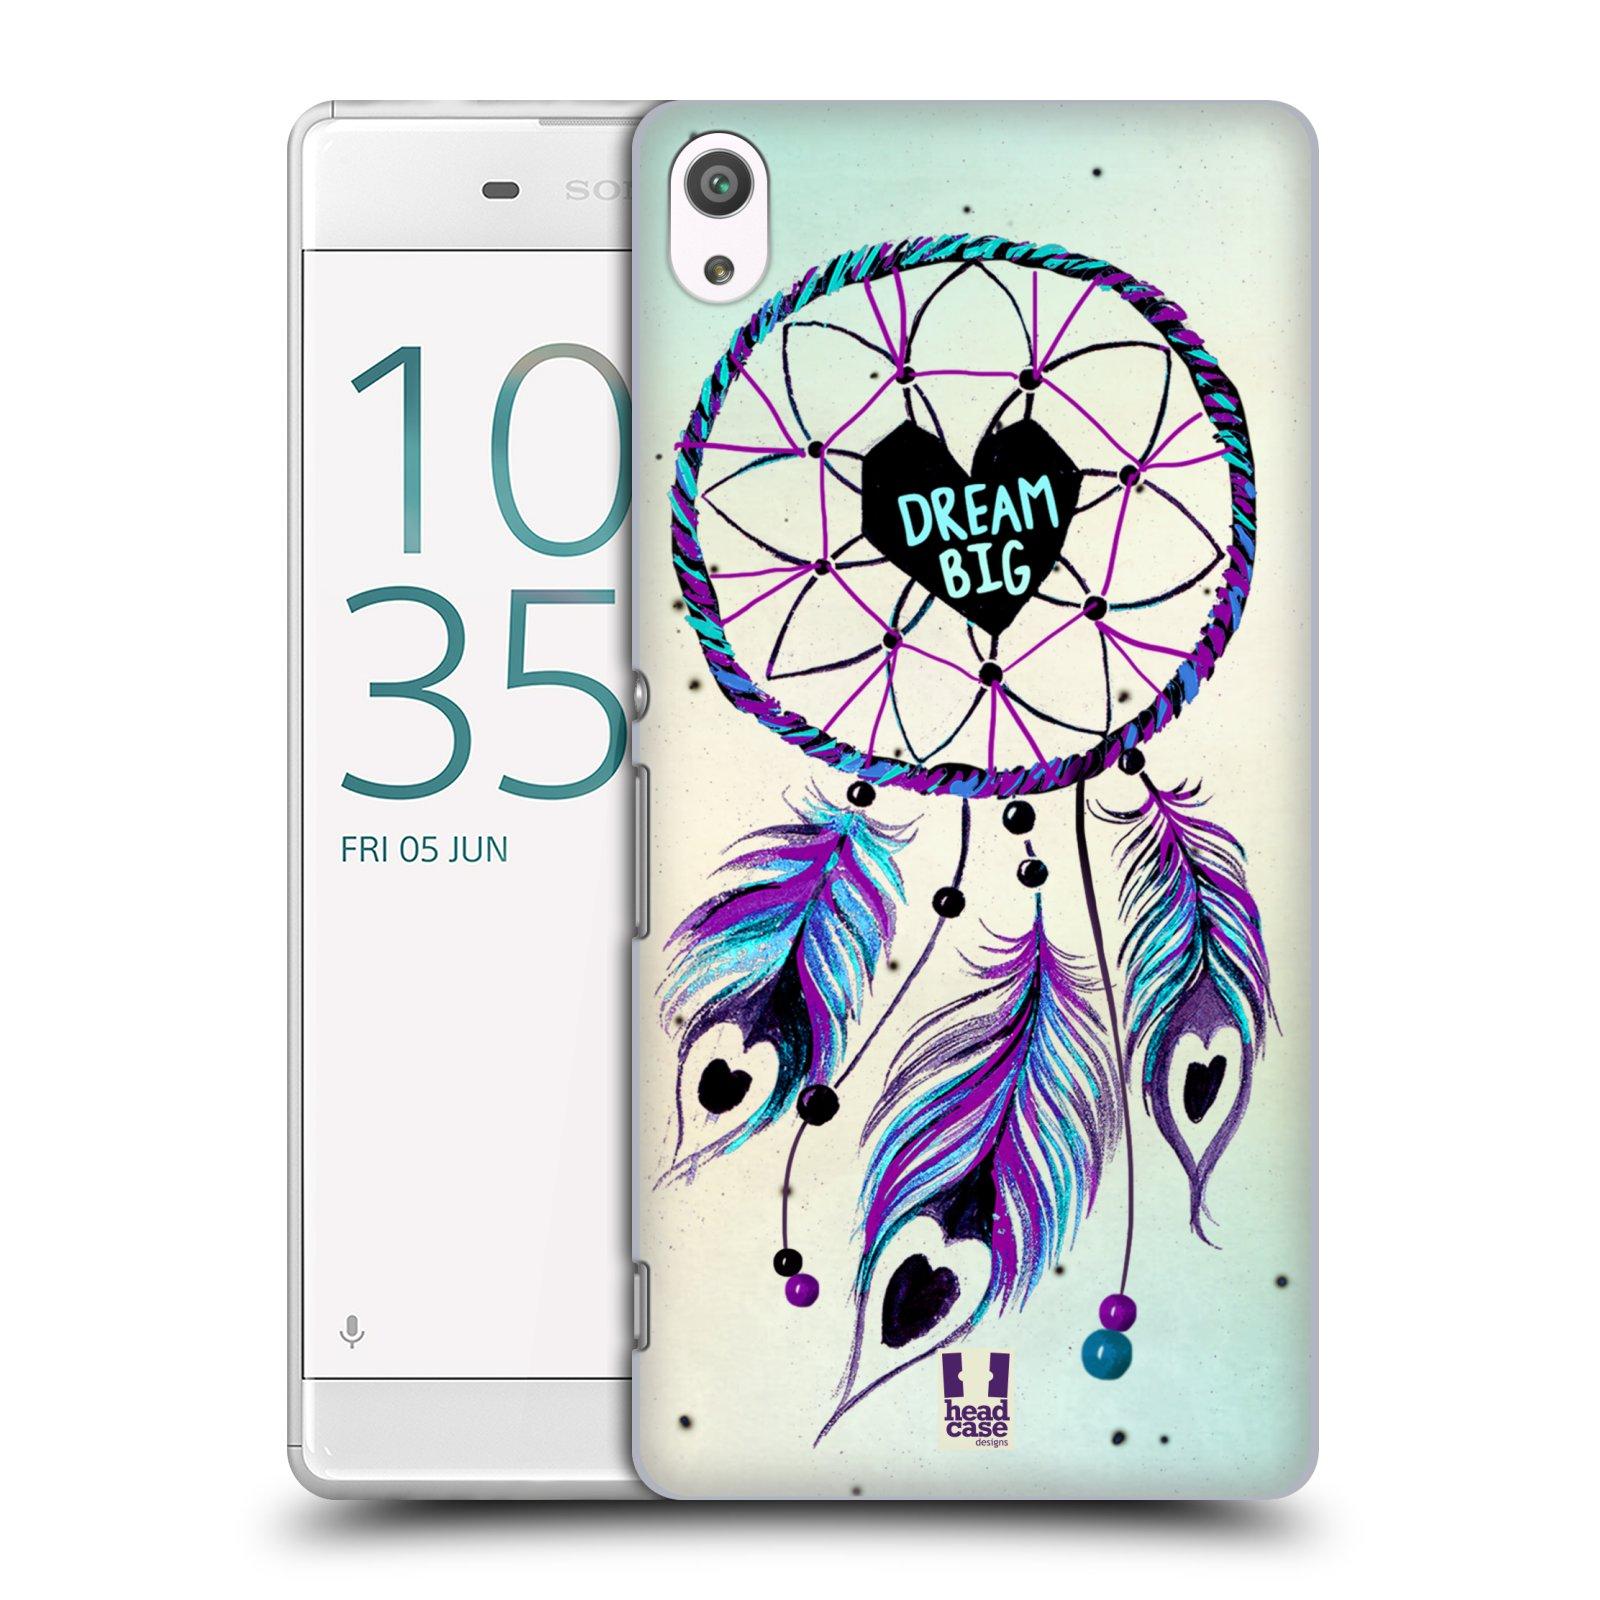 Plastové pouzdro na mobil Sony Xperia XA Ultra HEAD CASE Lapač Assorted Dream Big Srdce